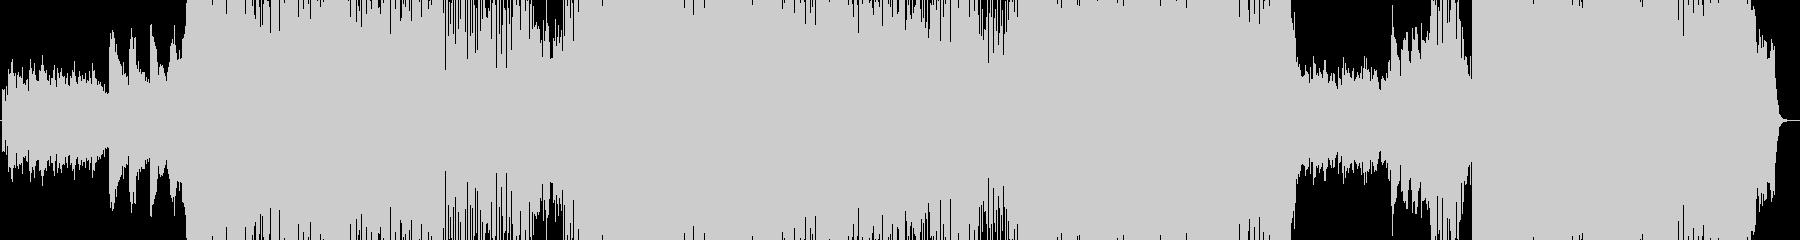 綺麗なピアノのリキッド系ドラムンベースの未再生の波形